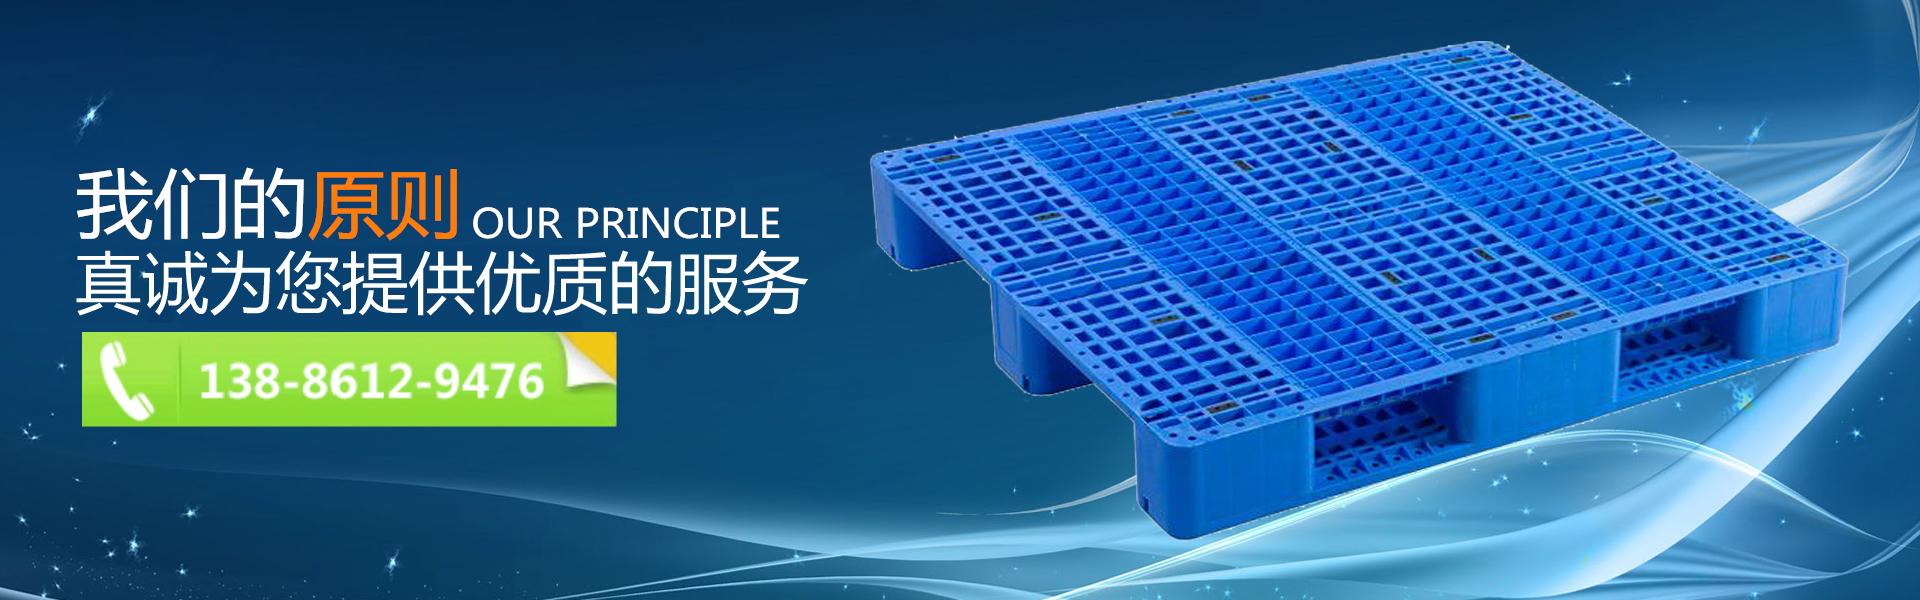 瑞美佳网站大图-武汉塑料托盘